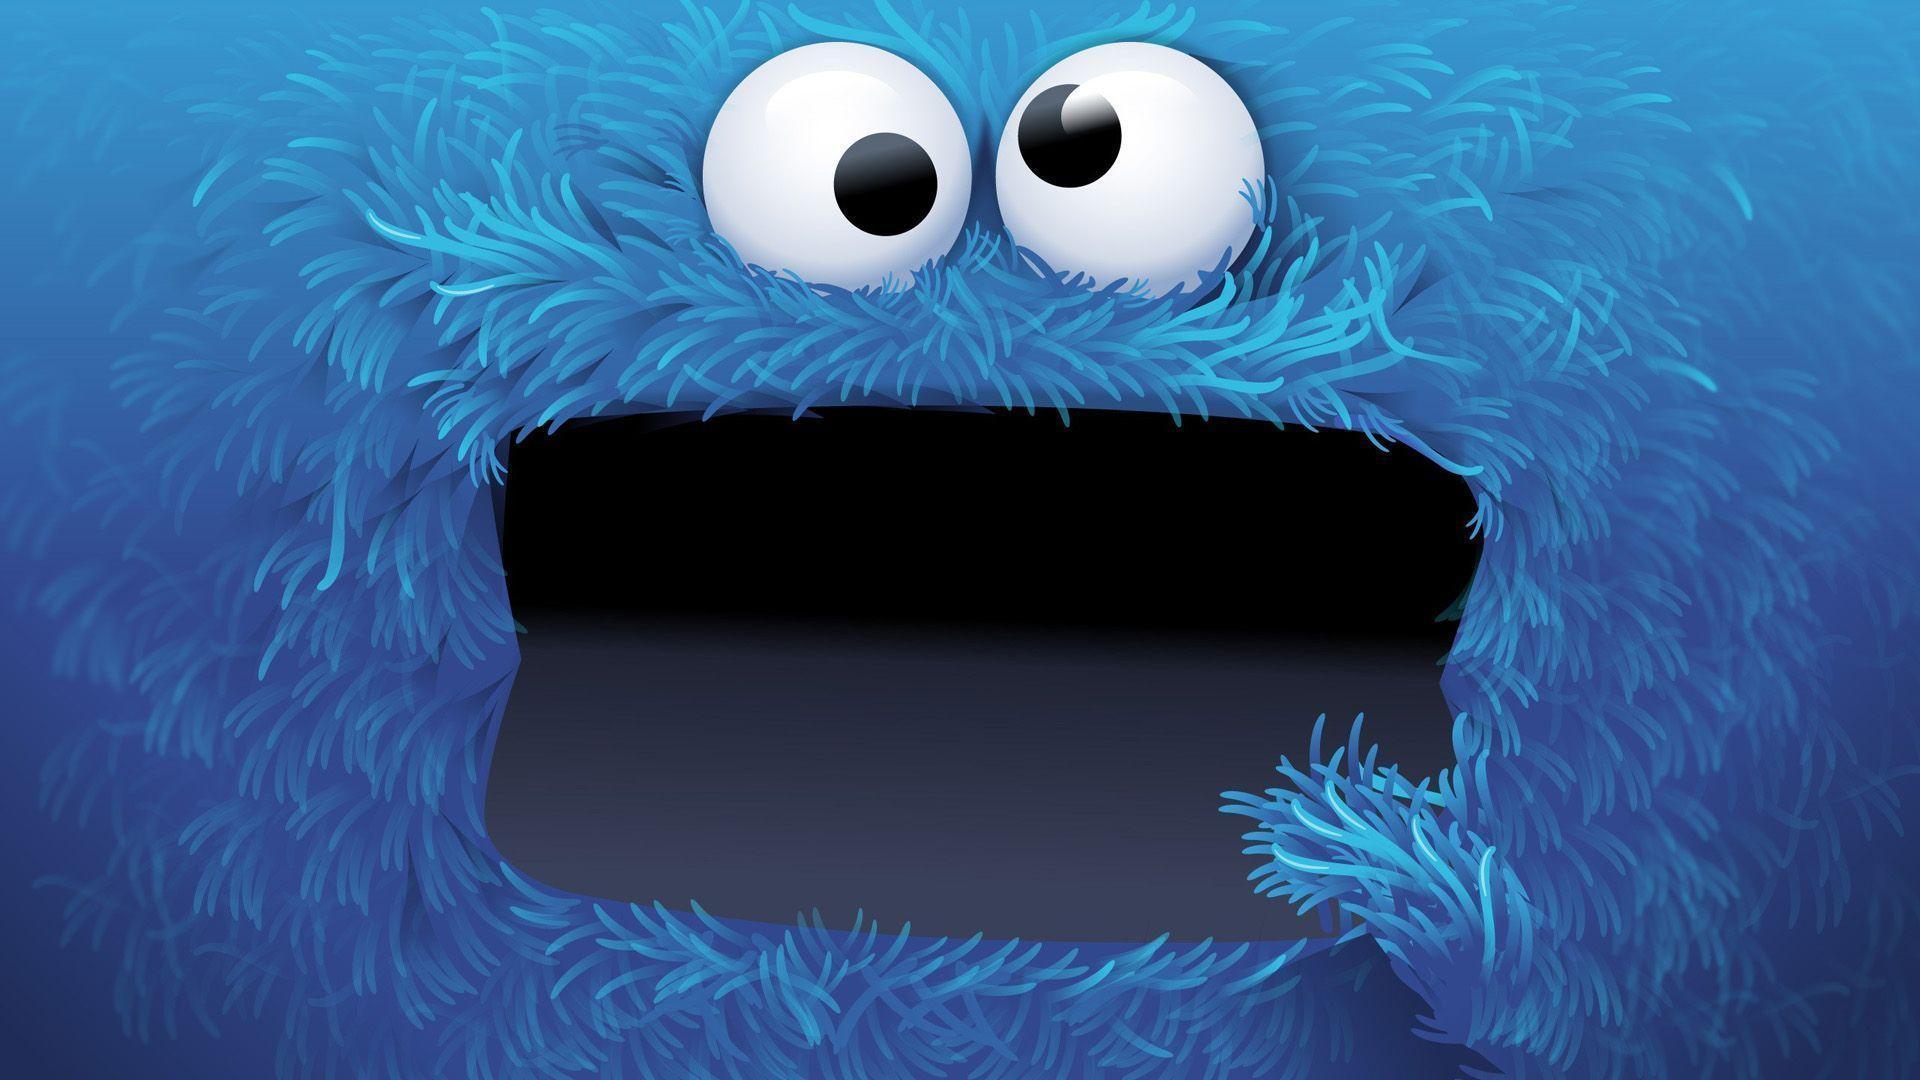 Cute Cookie Monster Wallpapers Cute Cookie Monster Wallpapers Wallpaper Cave